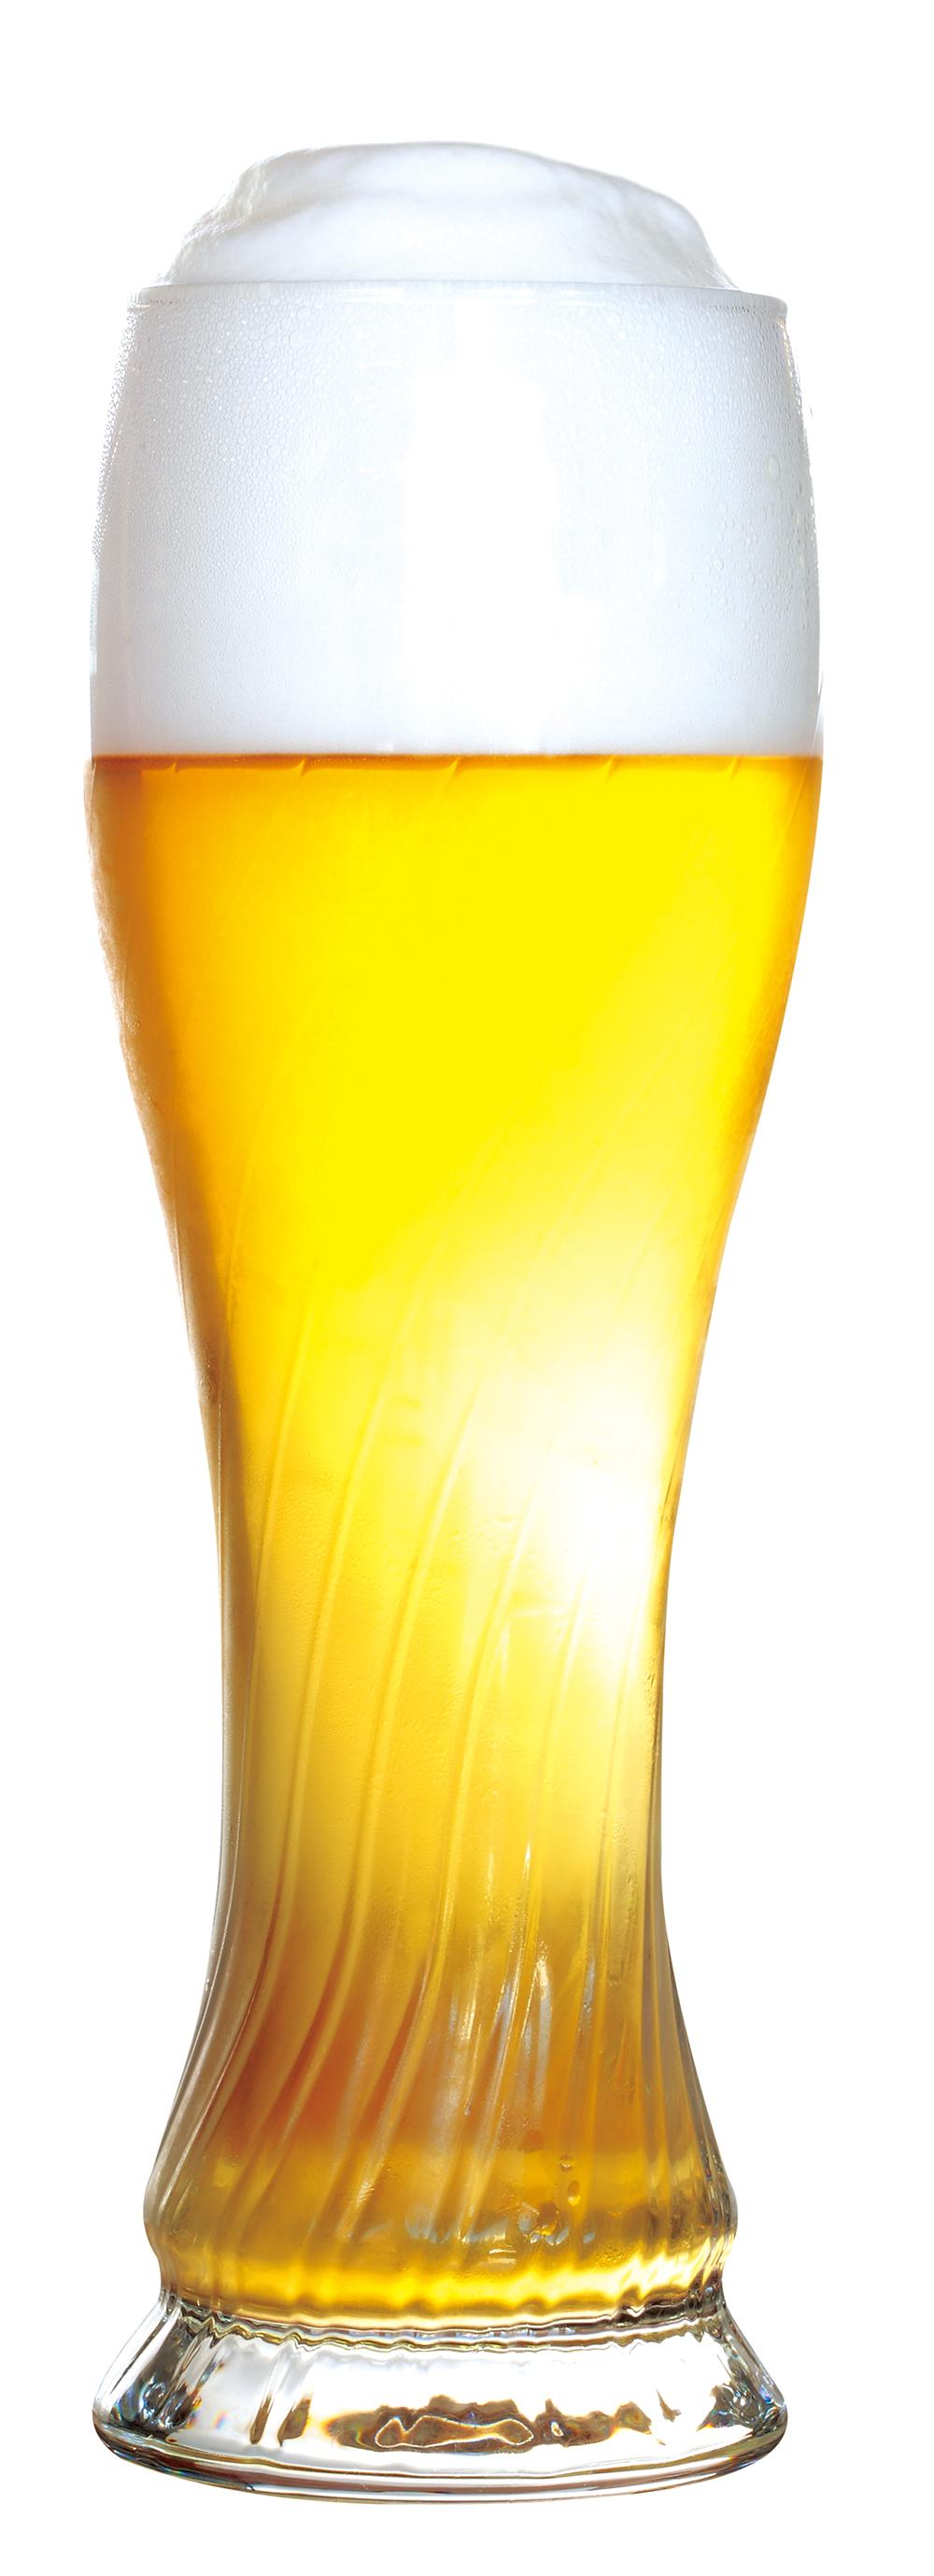 맥주(패스)수정